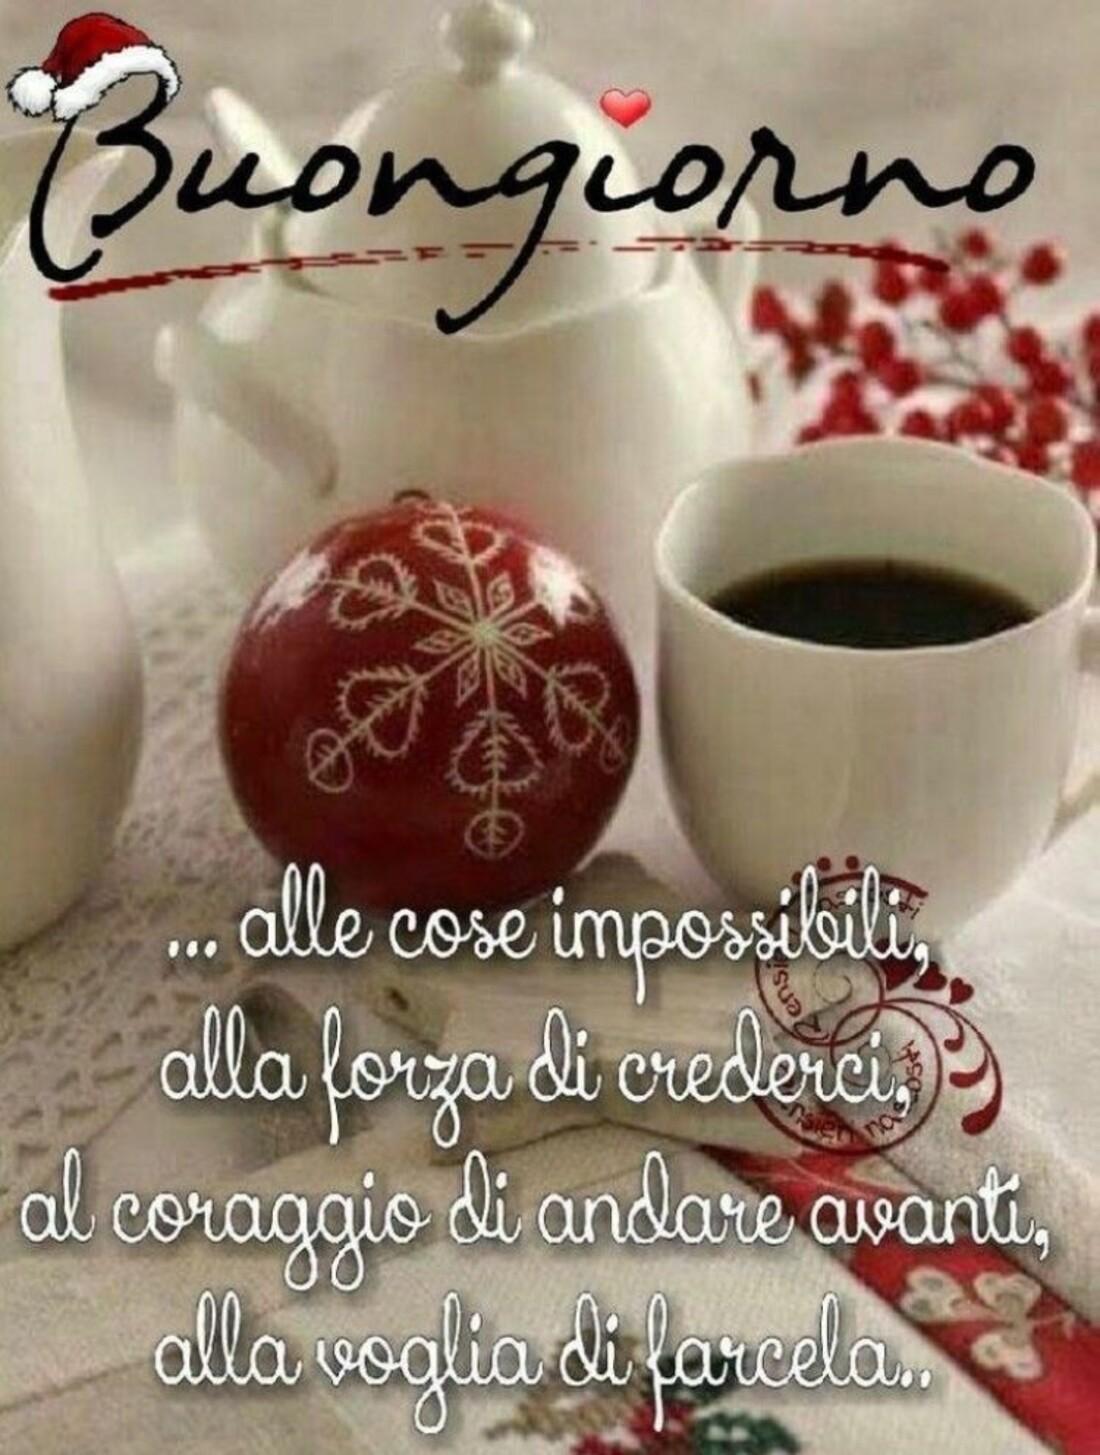 Buongiorno alle cose impossibili... alla forza di crederci, al coraggio di andare avanti, alla voglia di farcela...